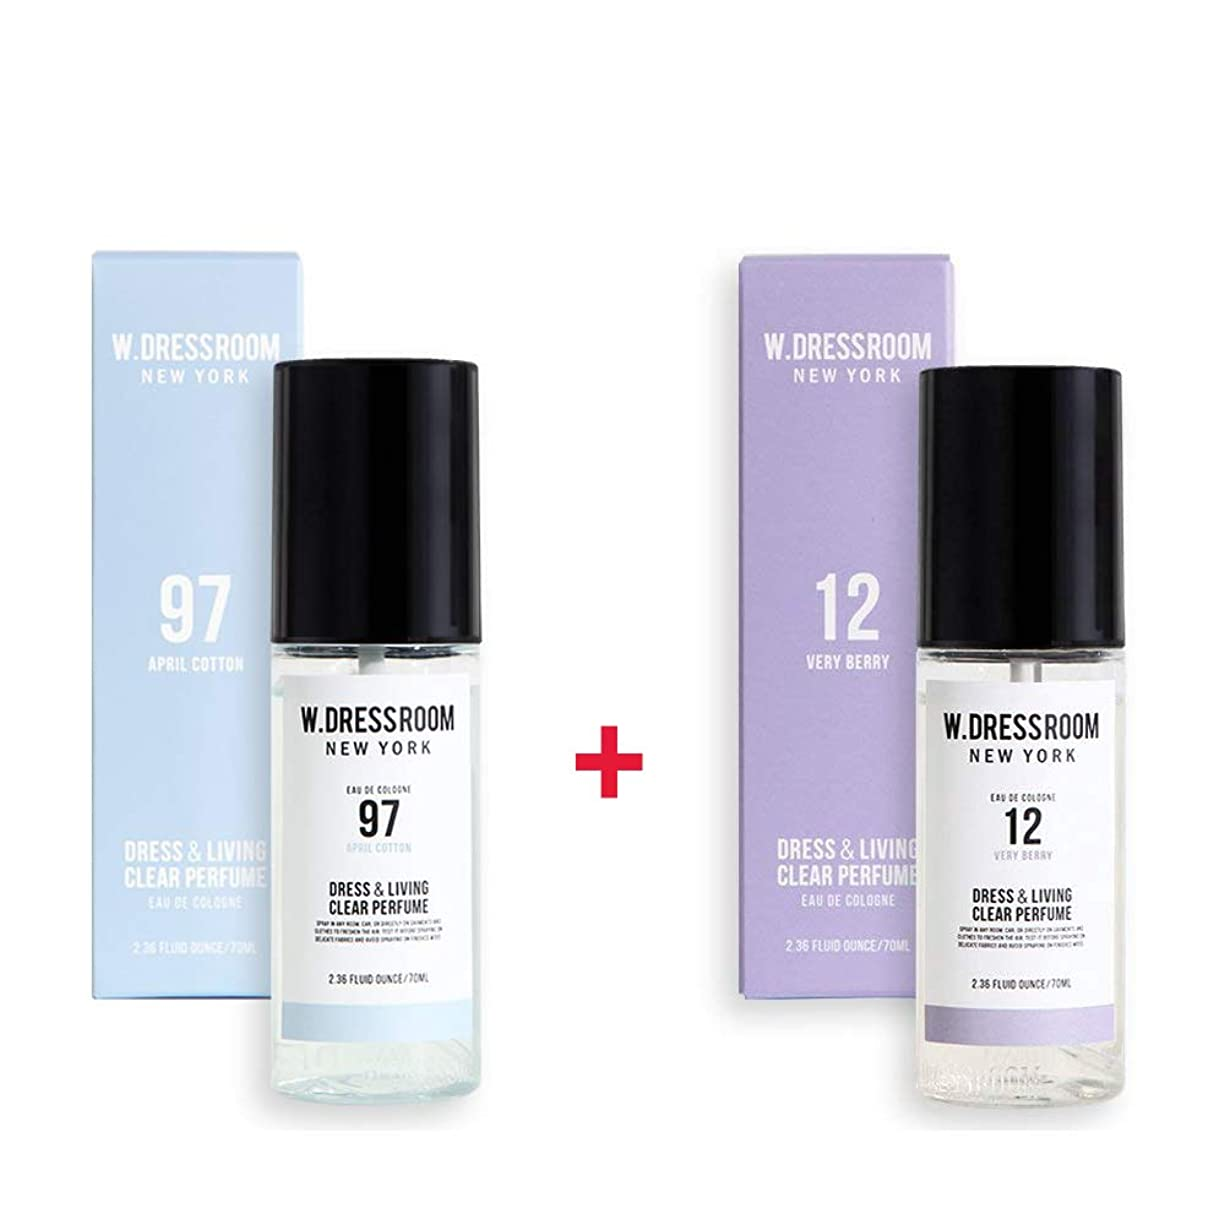 プレビュー滴下歌詞W.DRESSROOM Dress & Living Clear Perfume 70ml (No 97 April Cotton)+(No 12 Very Berry)